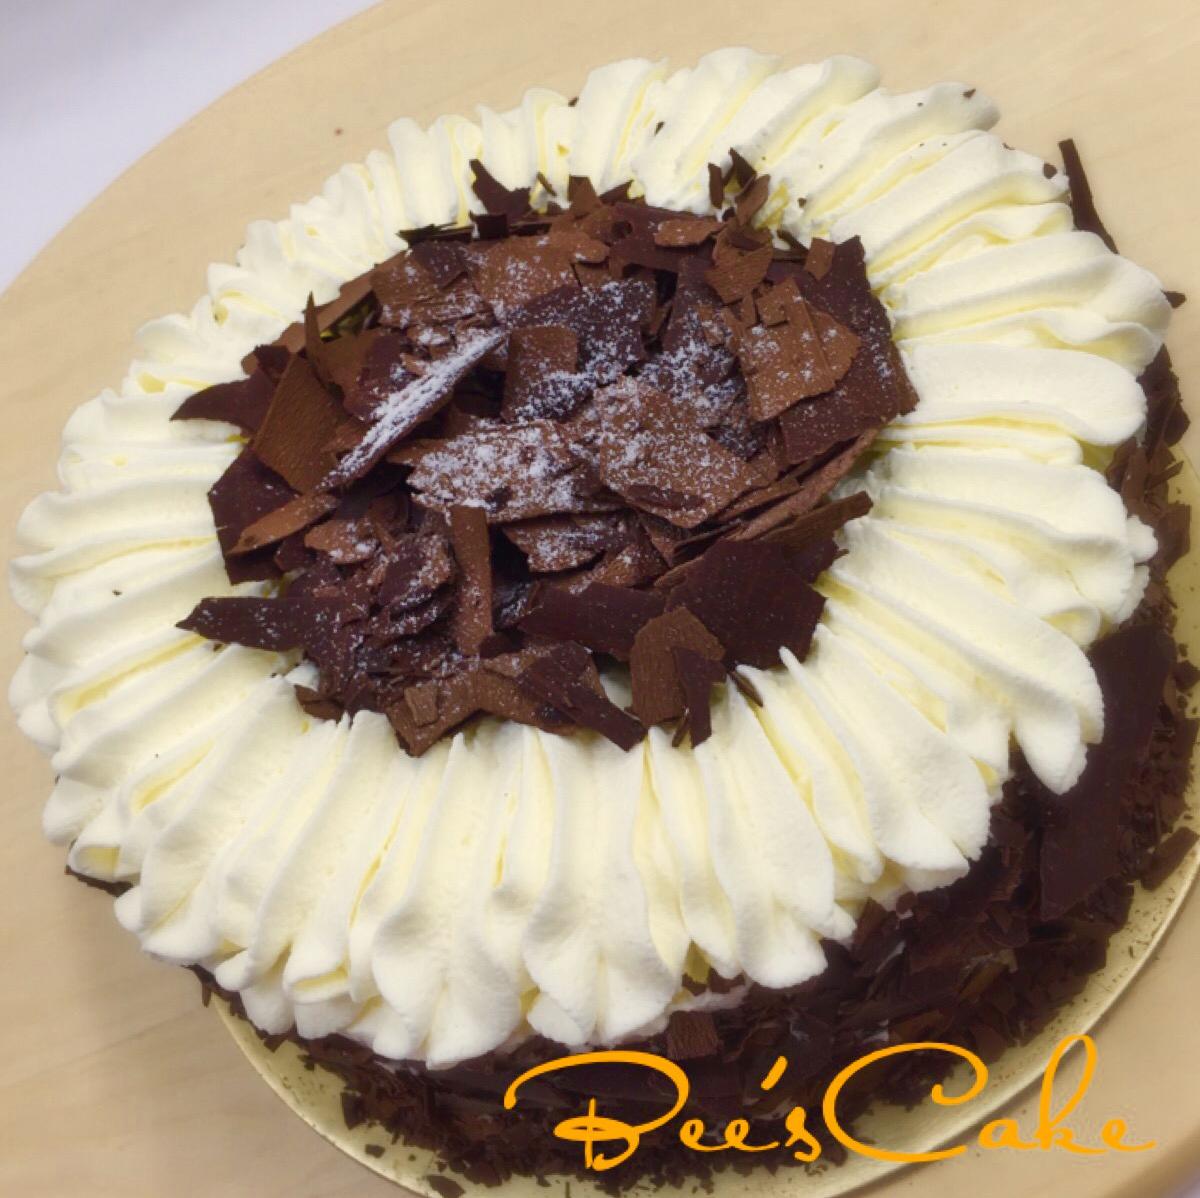 Black Forest Cake(Kirsch Torte)